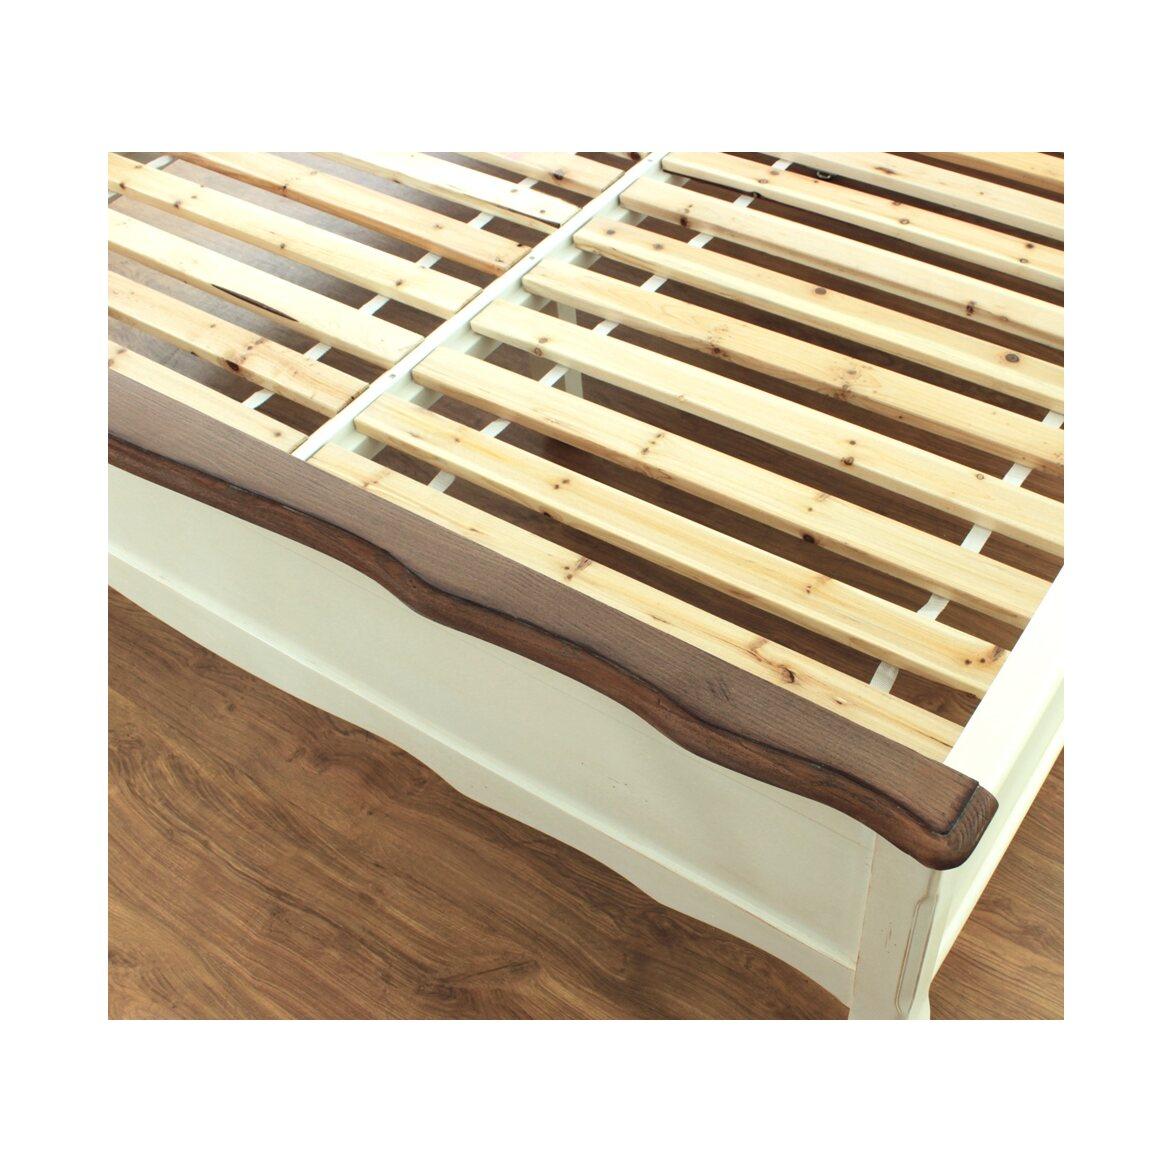 Кровать двуспальная Евро 180*200 Leontina, бежевого цвета 3   Двуспальные кровати Kingsby